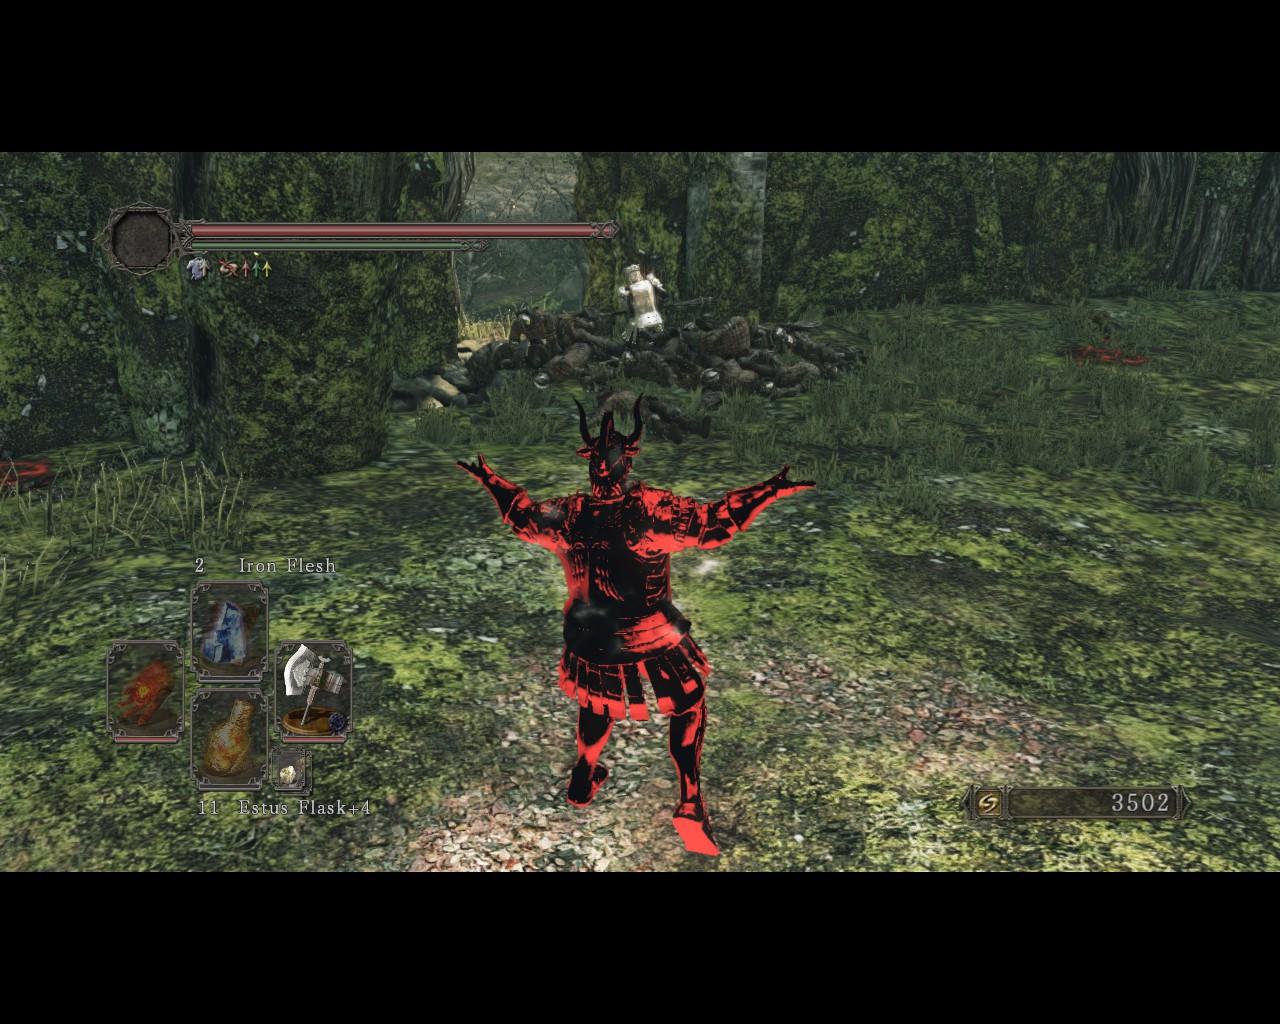 Dark souls 2 blood arena matchmaking